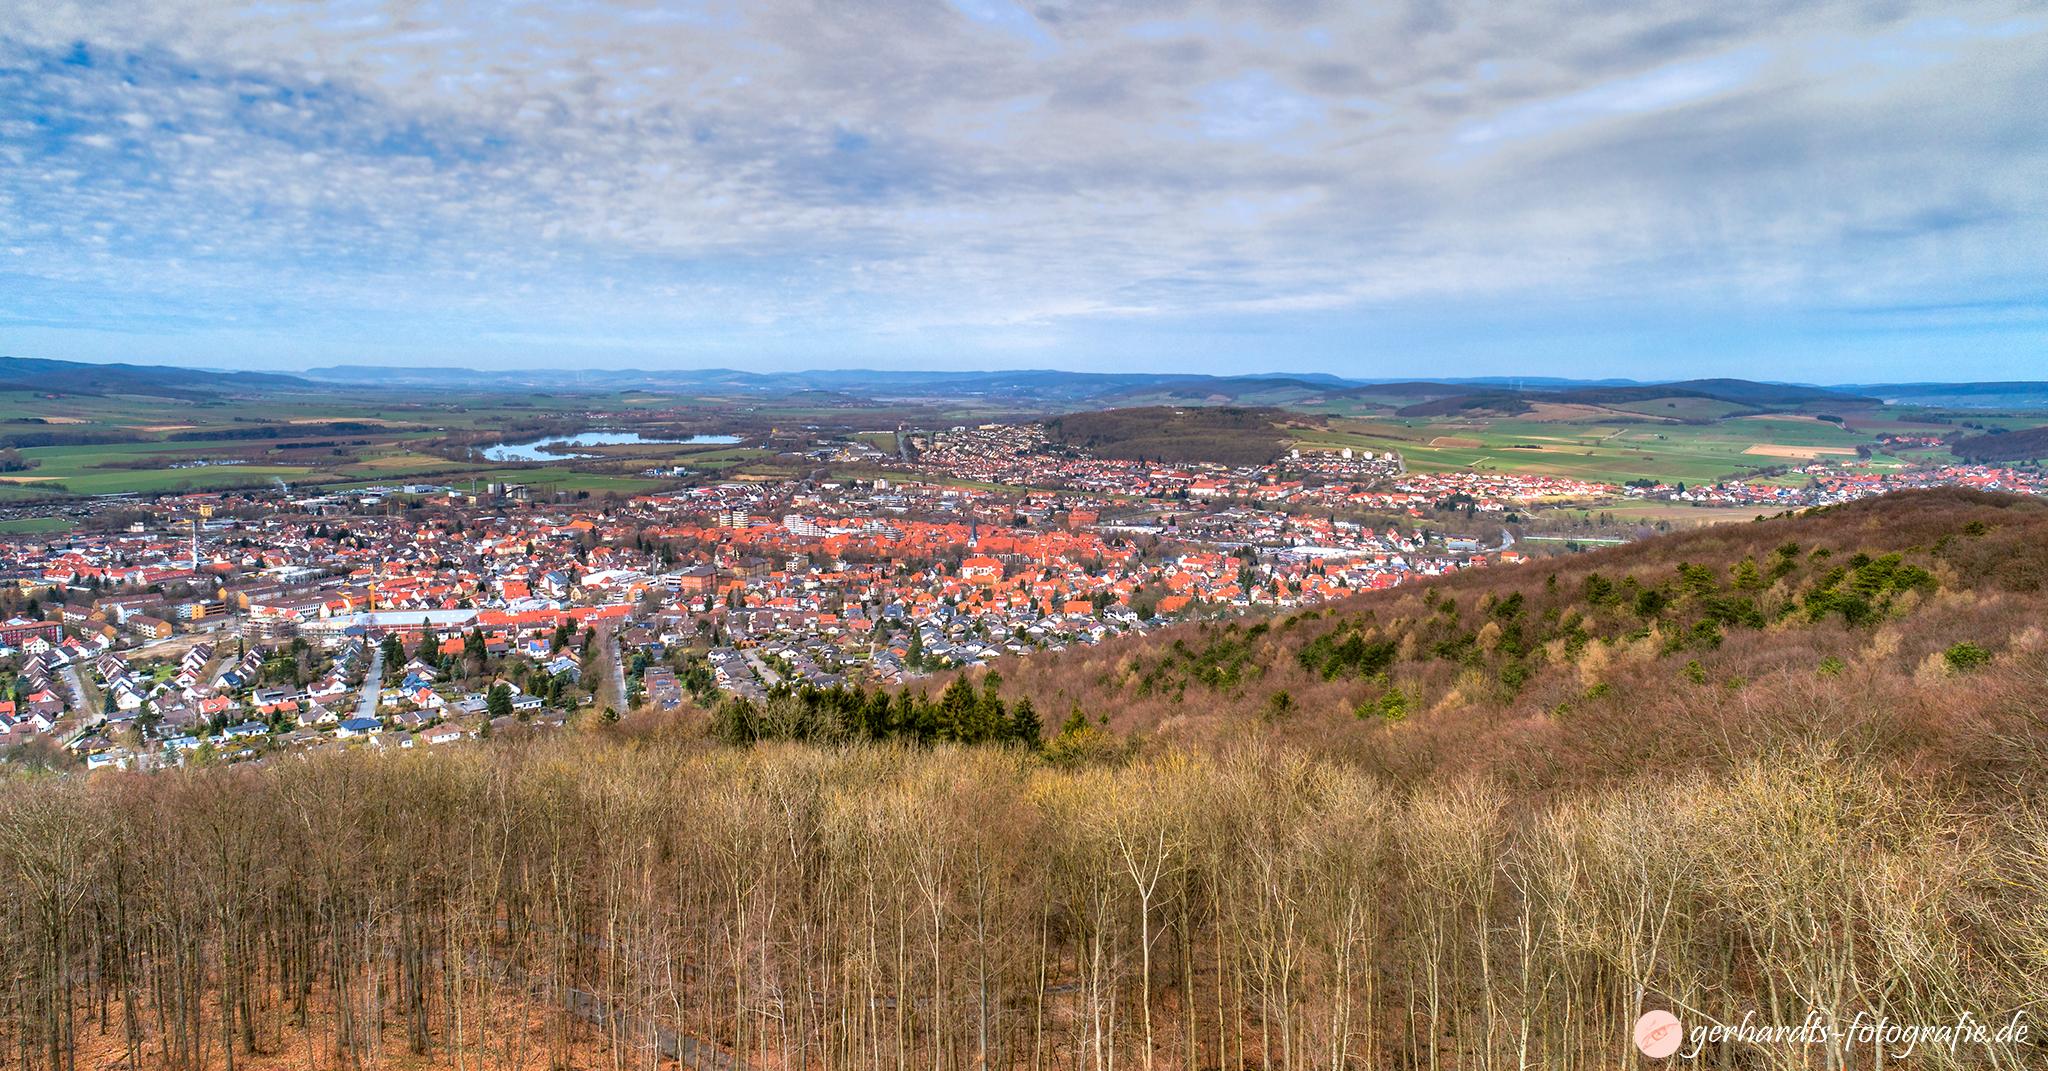 Luftbild Northeim | Luftbildaufnahmen Göttingen Südniedersachsen